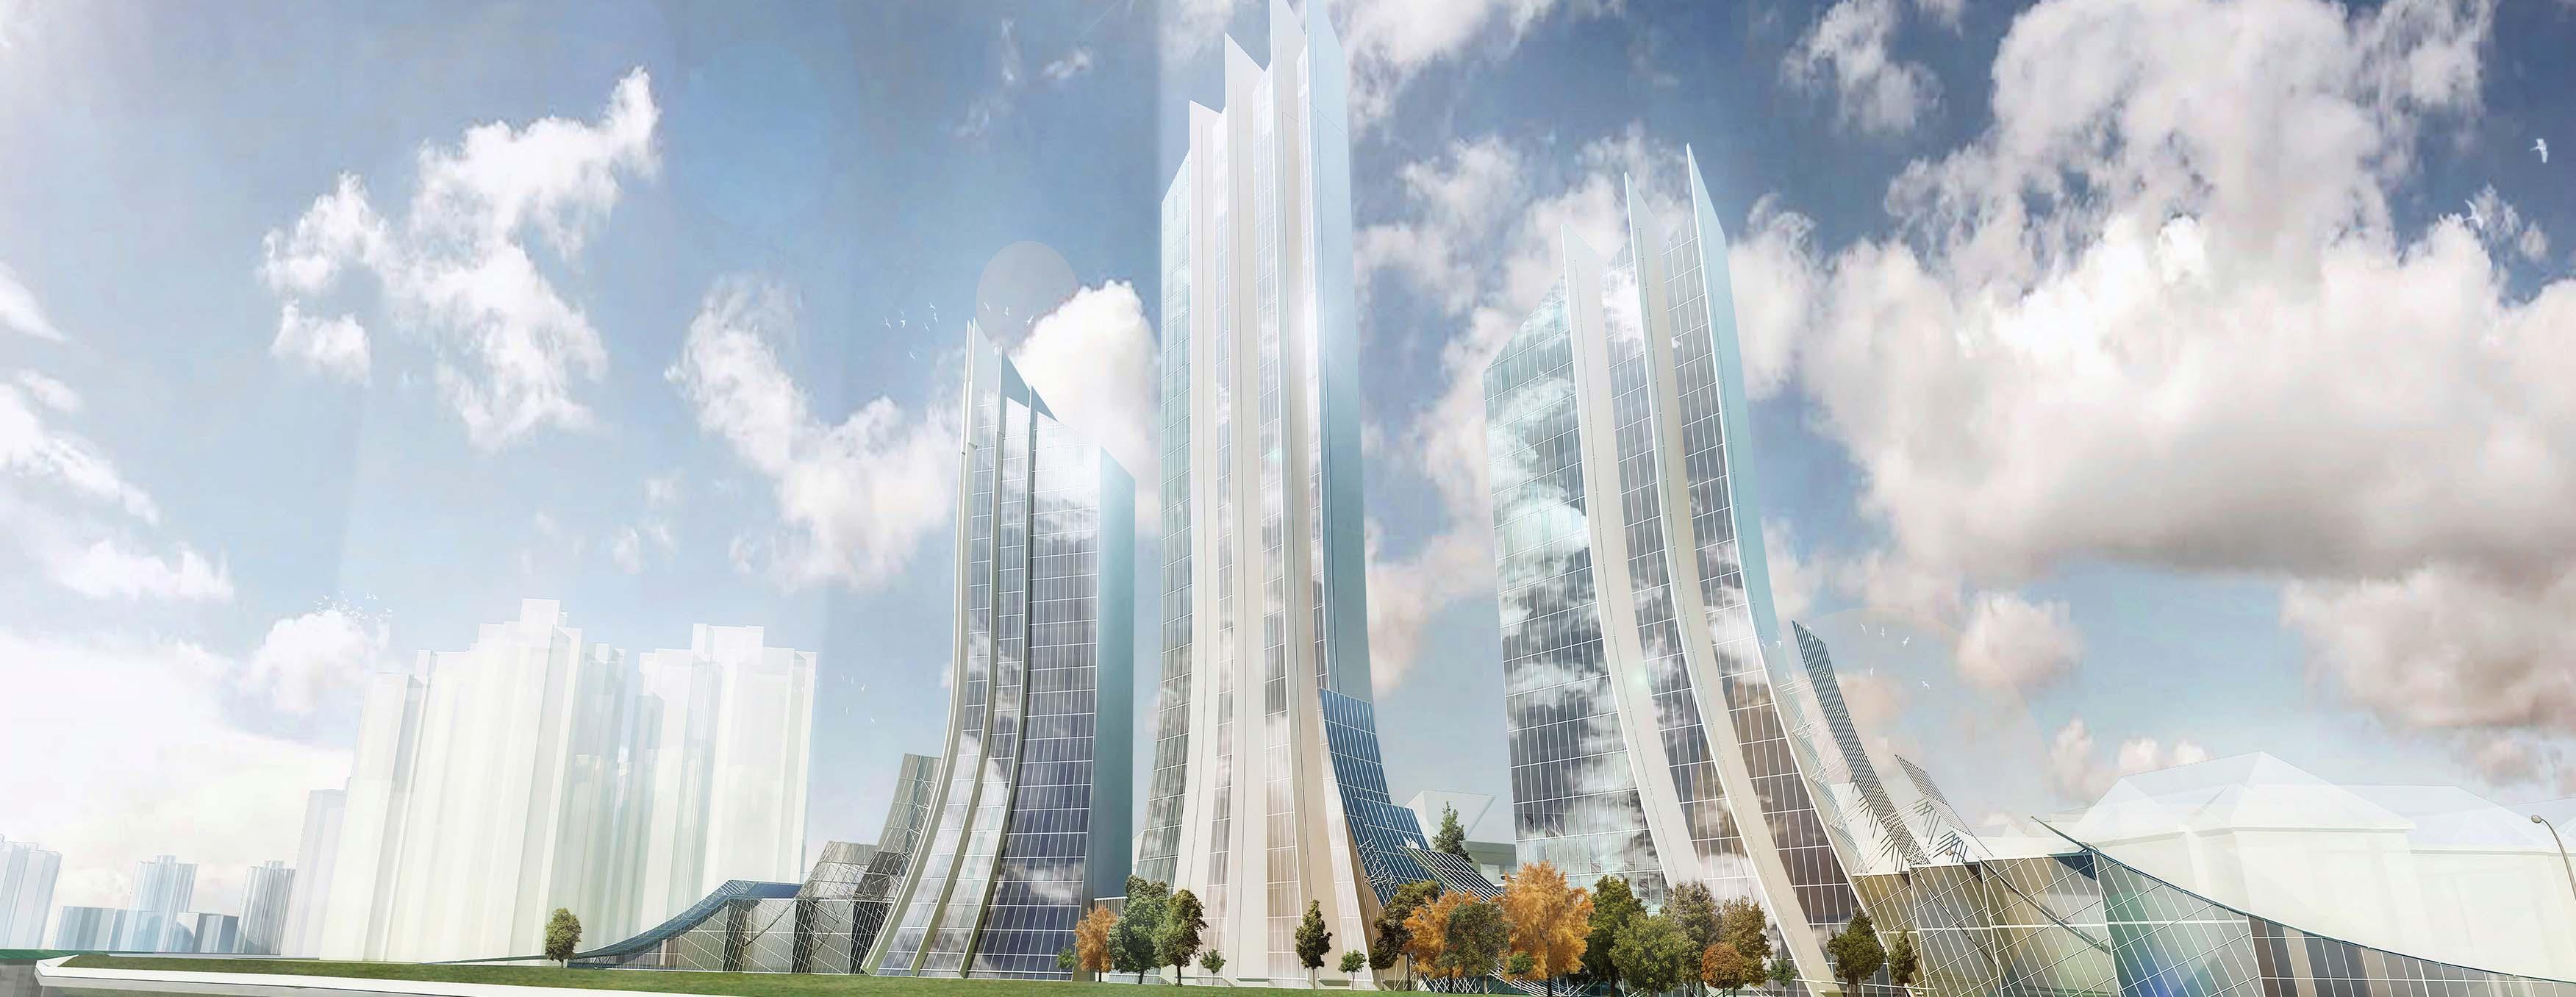 Trinity Towers